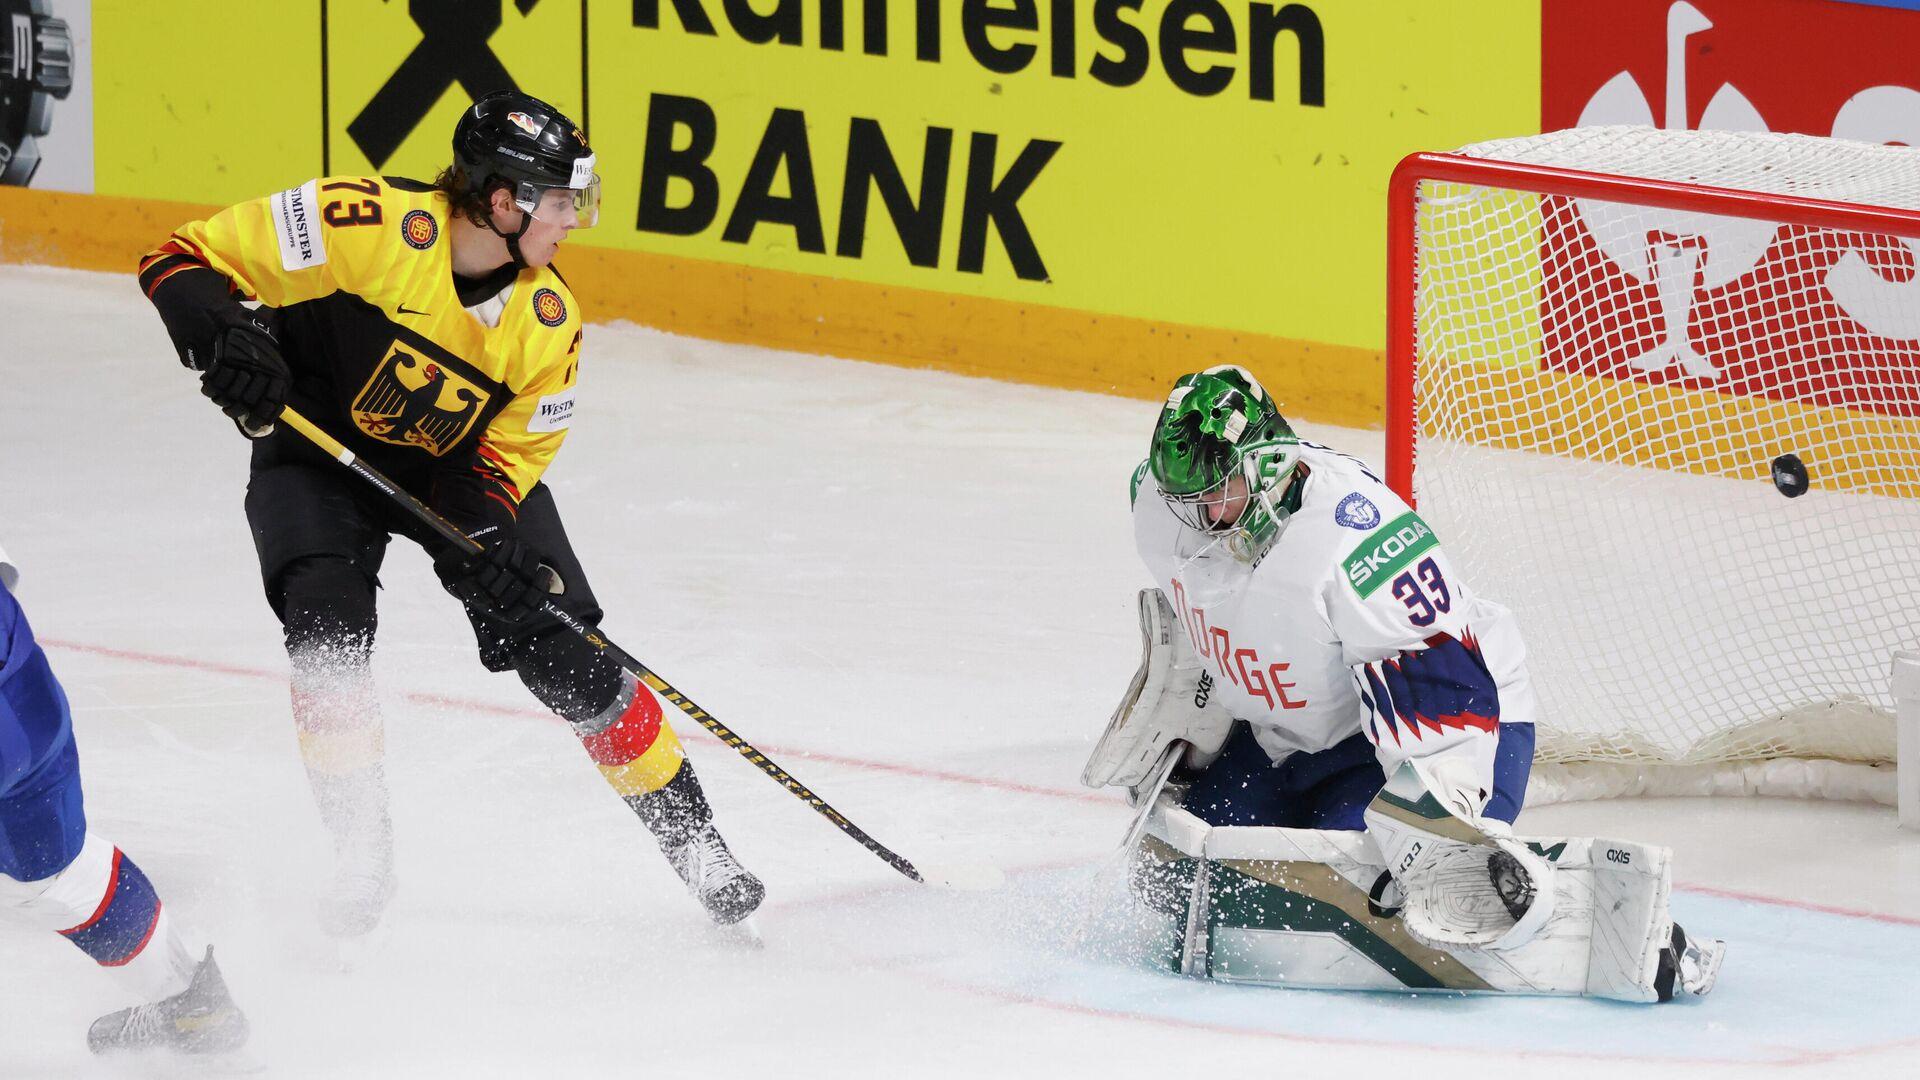 Игровой момент матча ЧМ по хоккею Германия - Латвия - РИА Новости, 1920, 22.05.2021